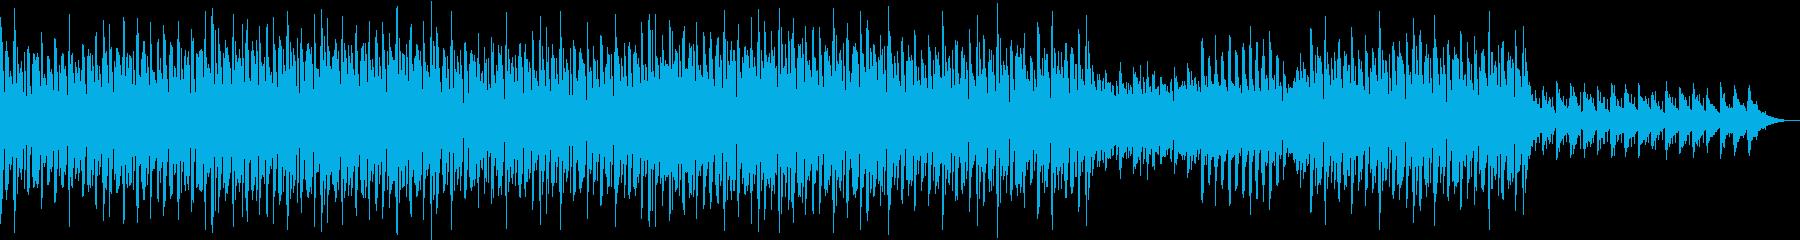 アーバンな雰囲気のハウス EDMの再生済みの波形